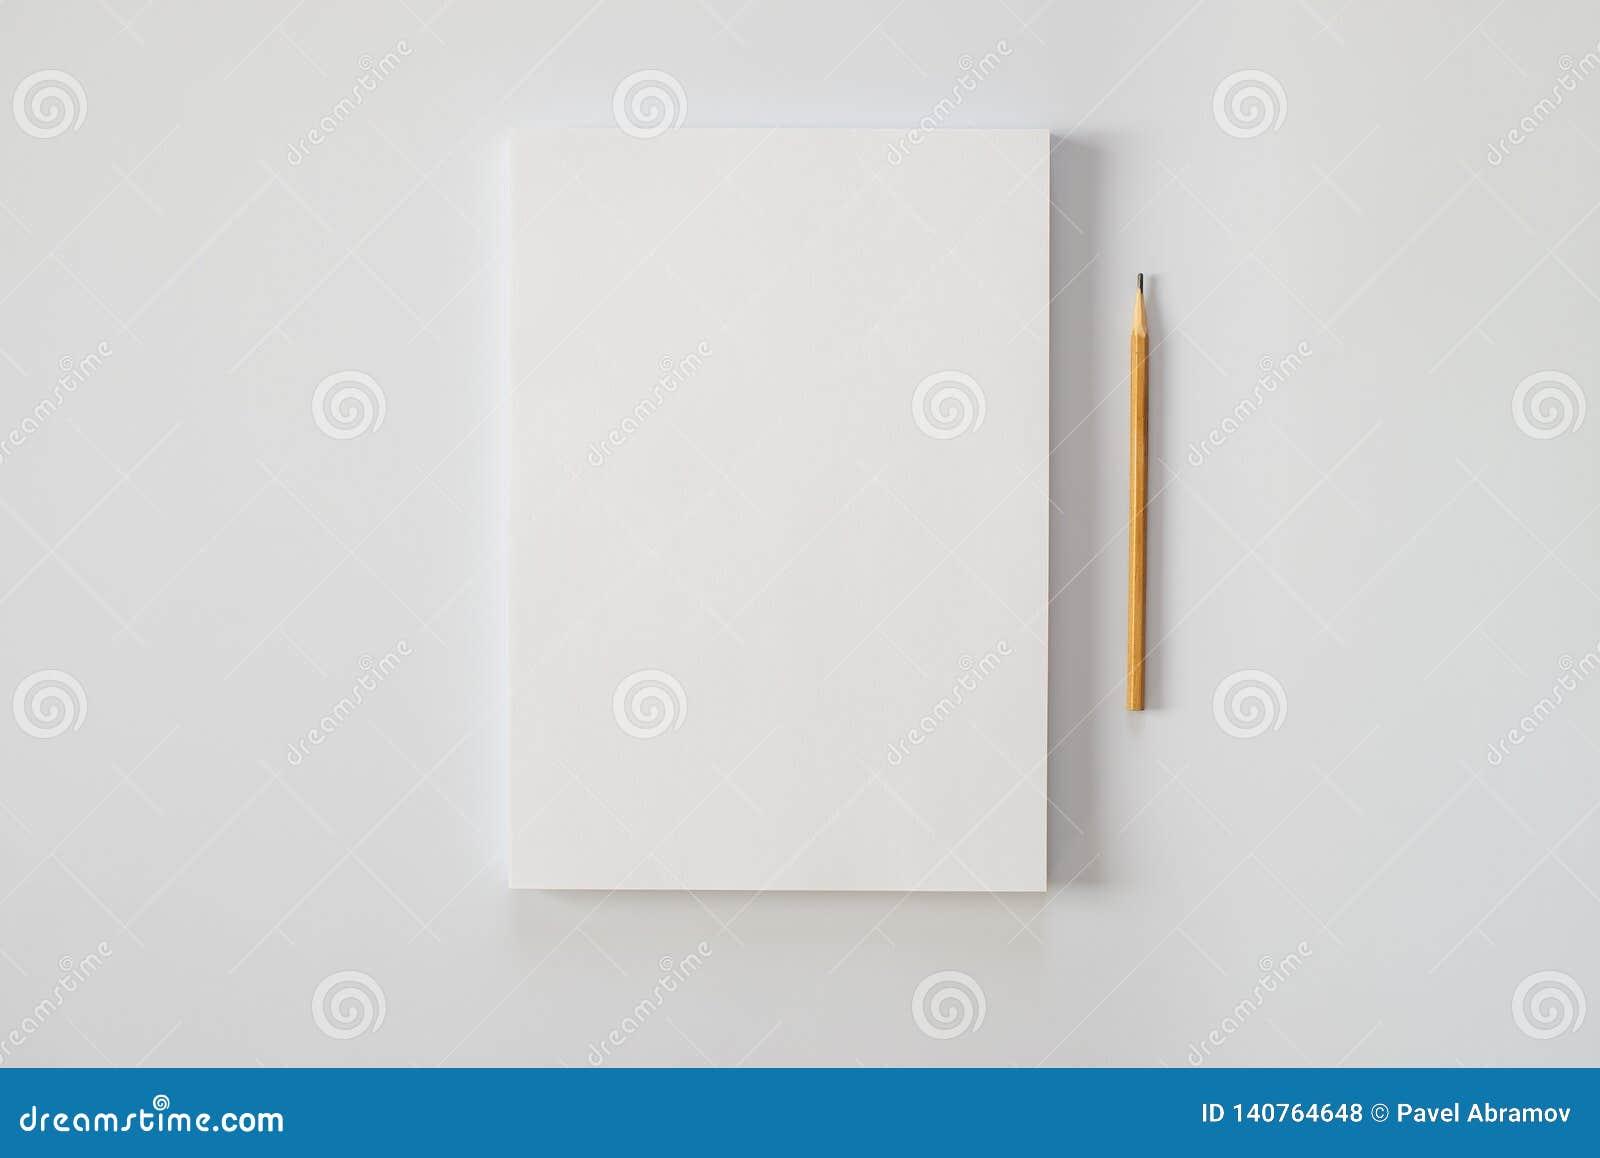 Ein Stapel leere Blätter Papier und einen Bleistift auf einem weißen Hintergrund